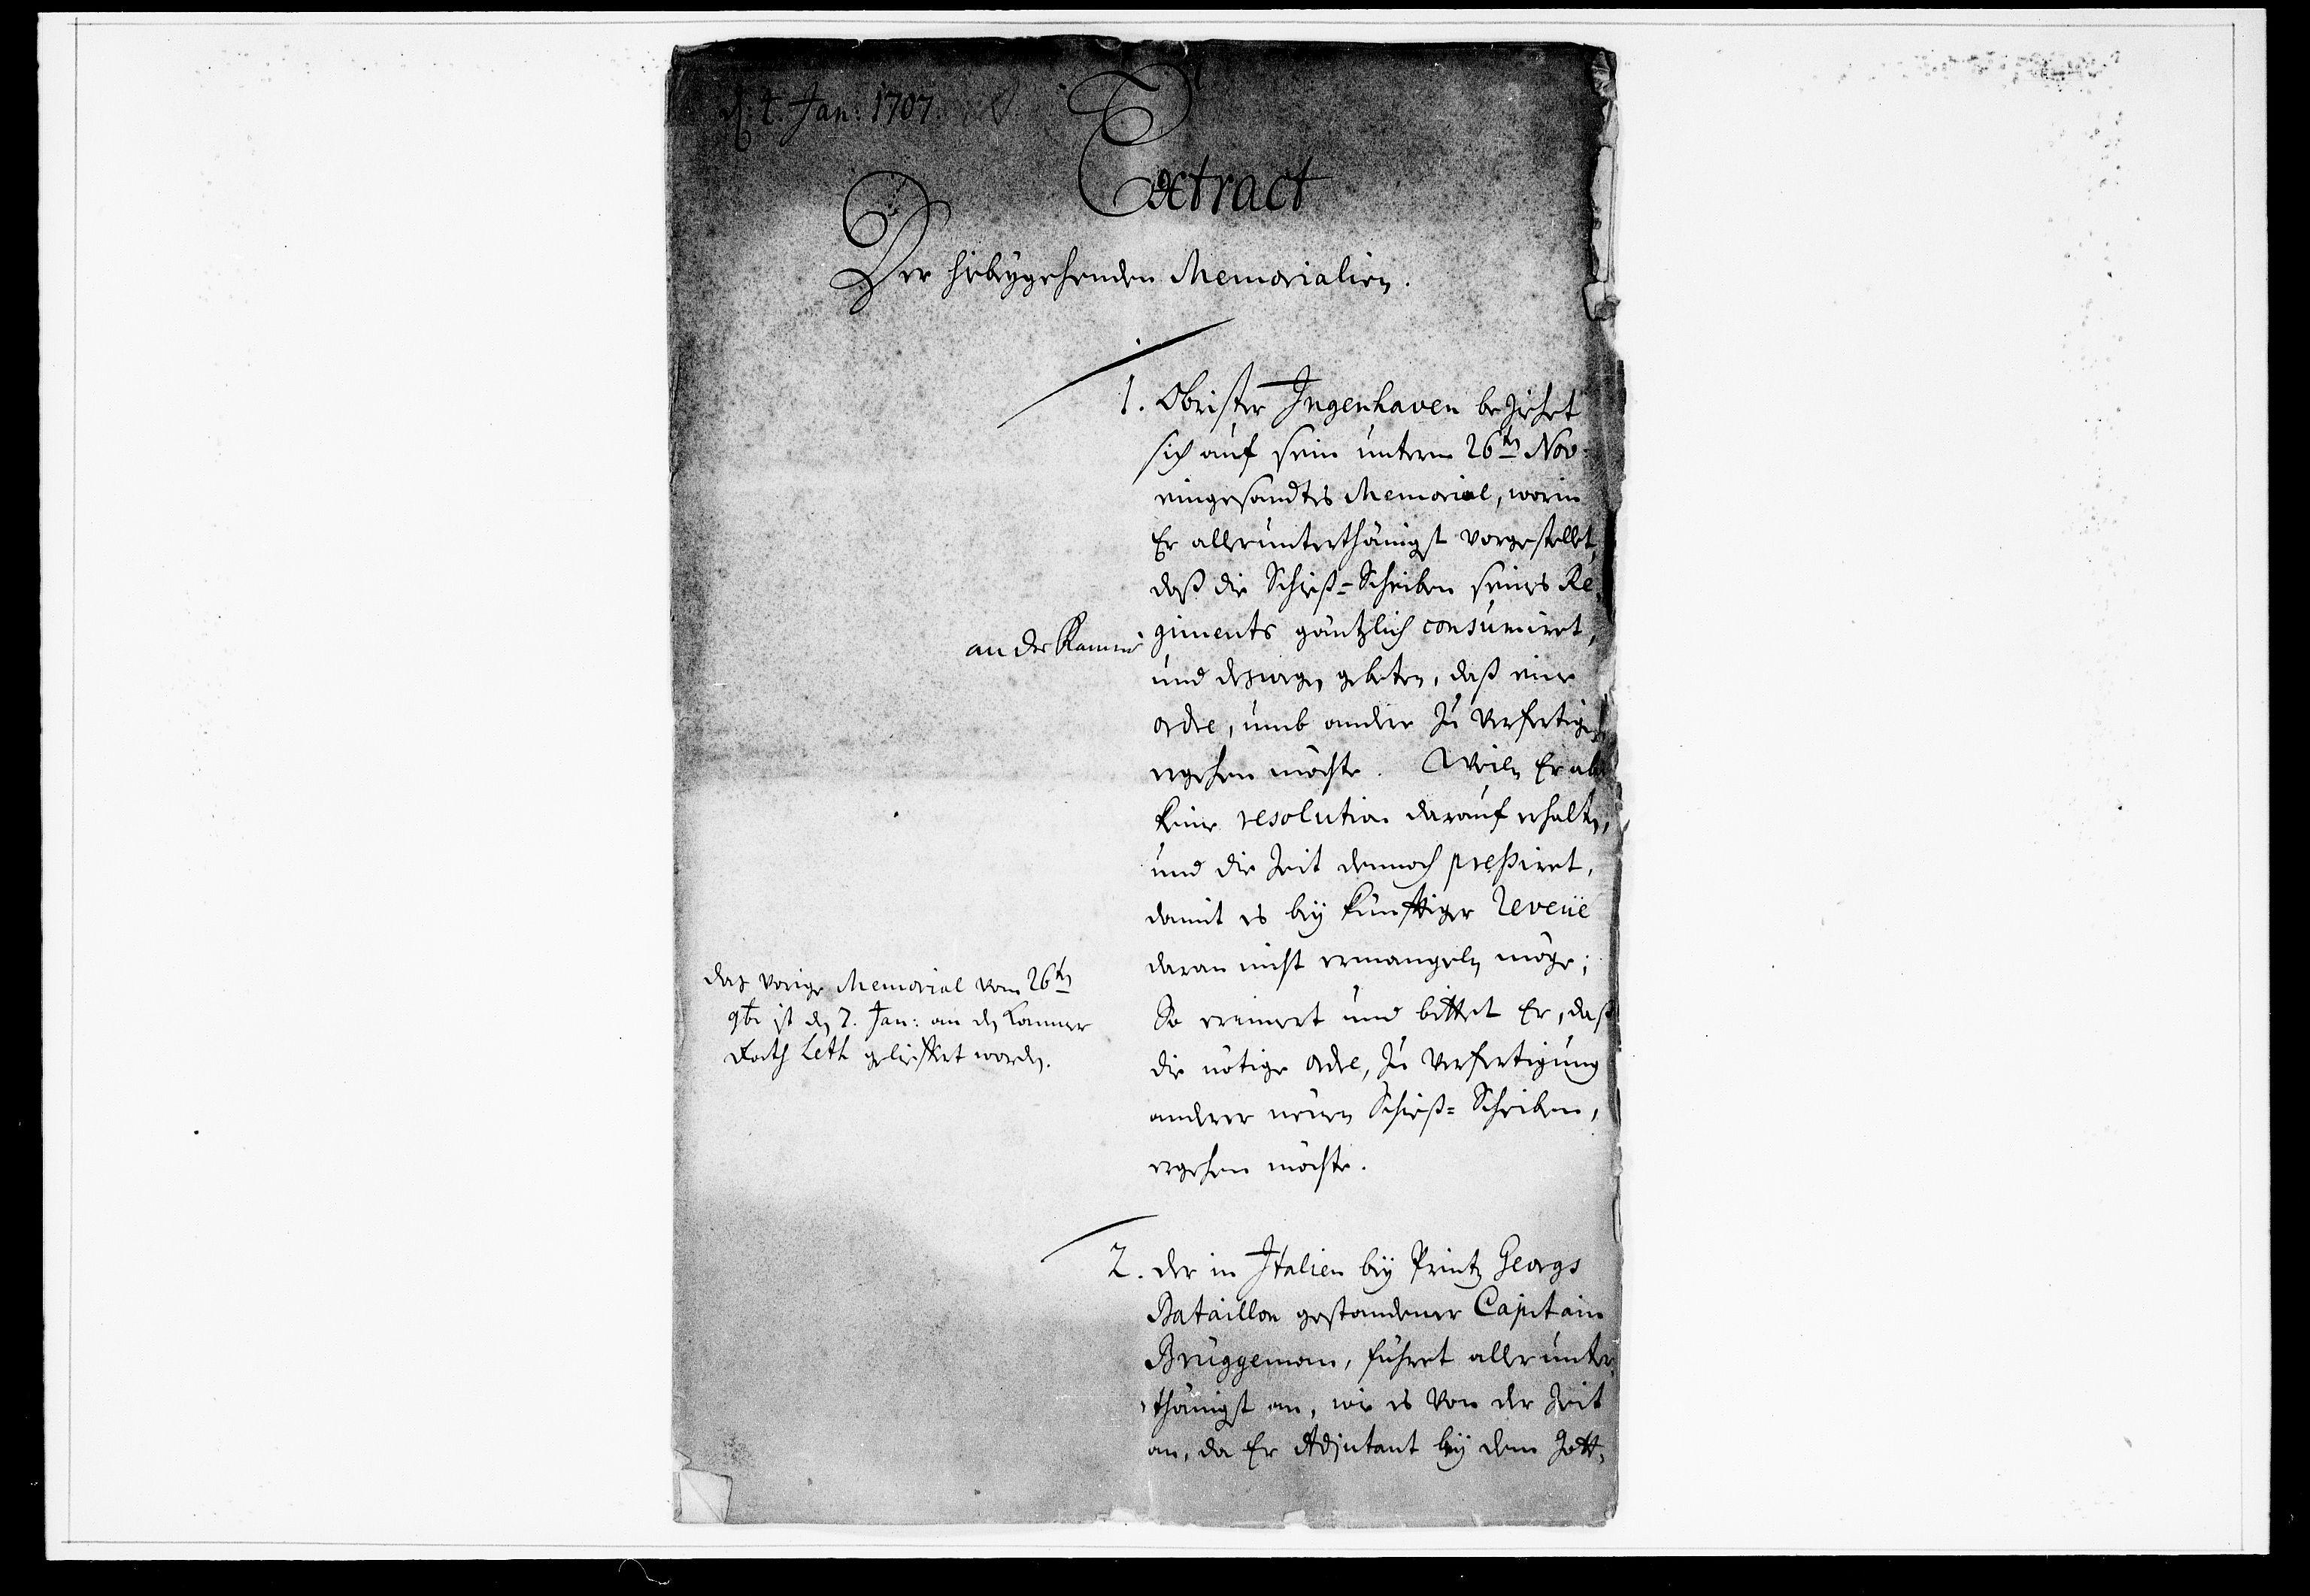 DRA, Krigskollegiet, Krigskancelliet, -/0957-0961: Refererede sager, 1707, s. 2